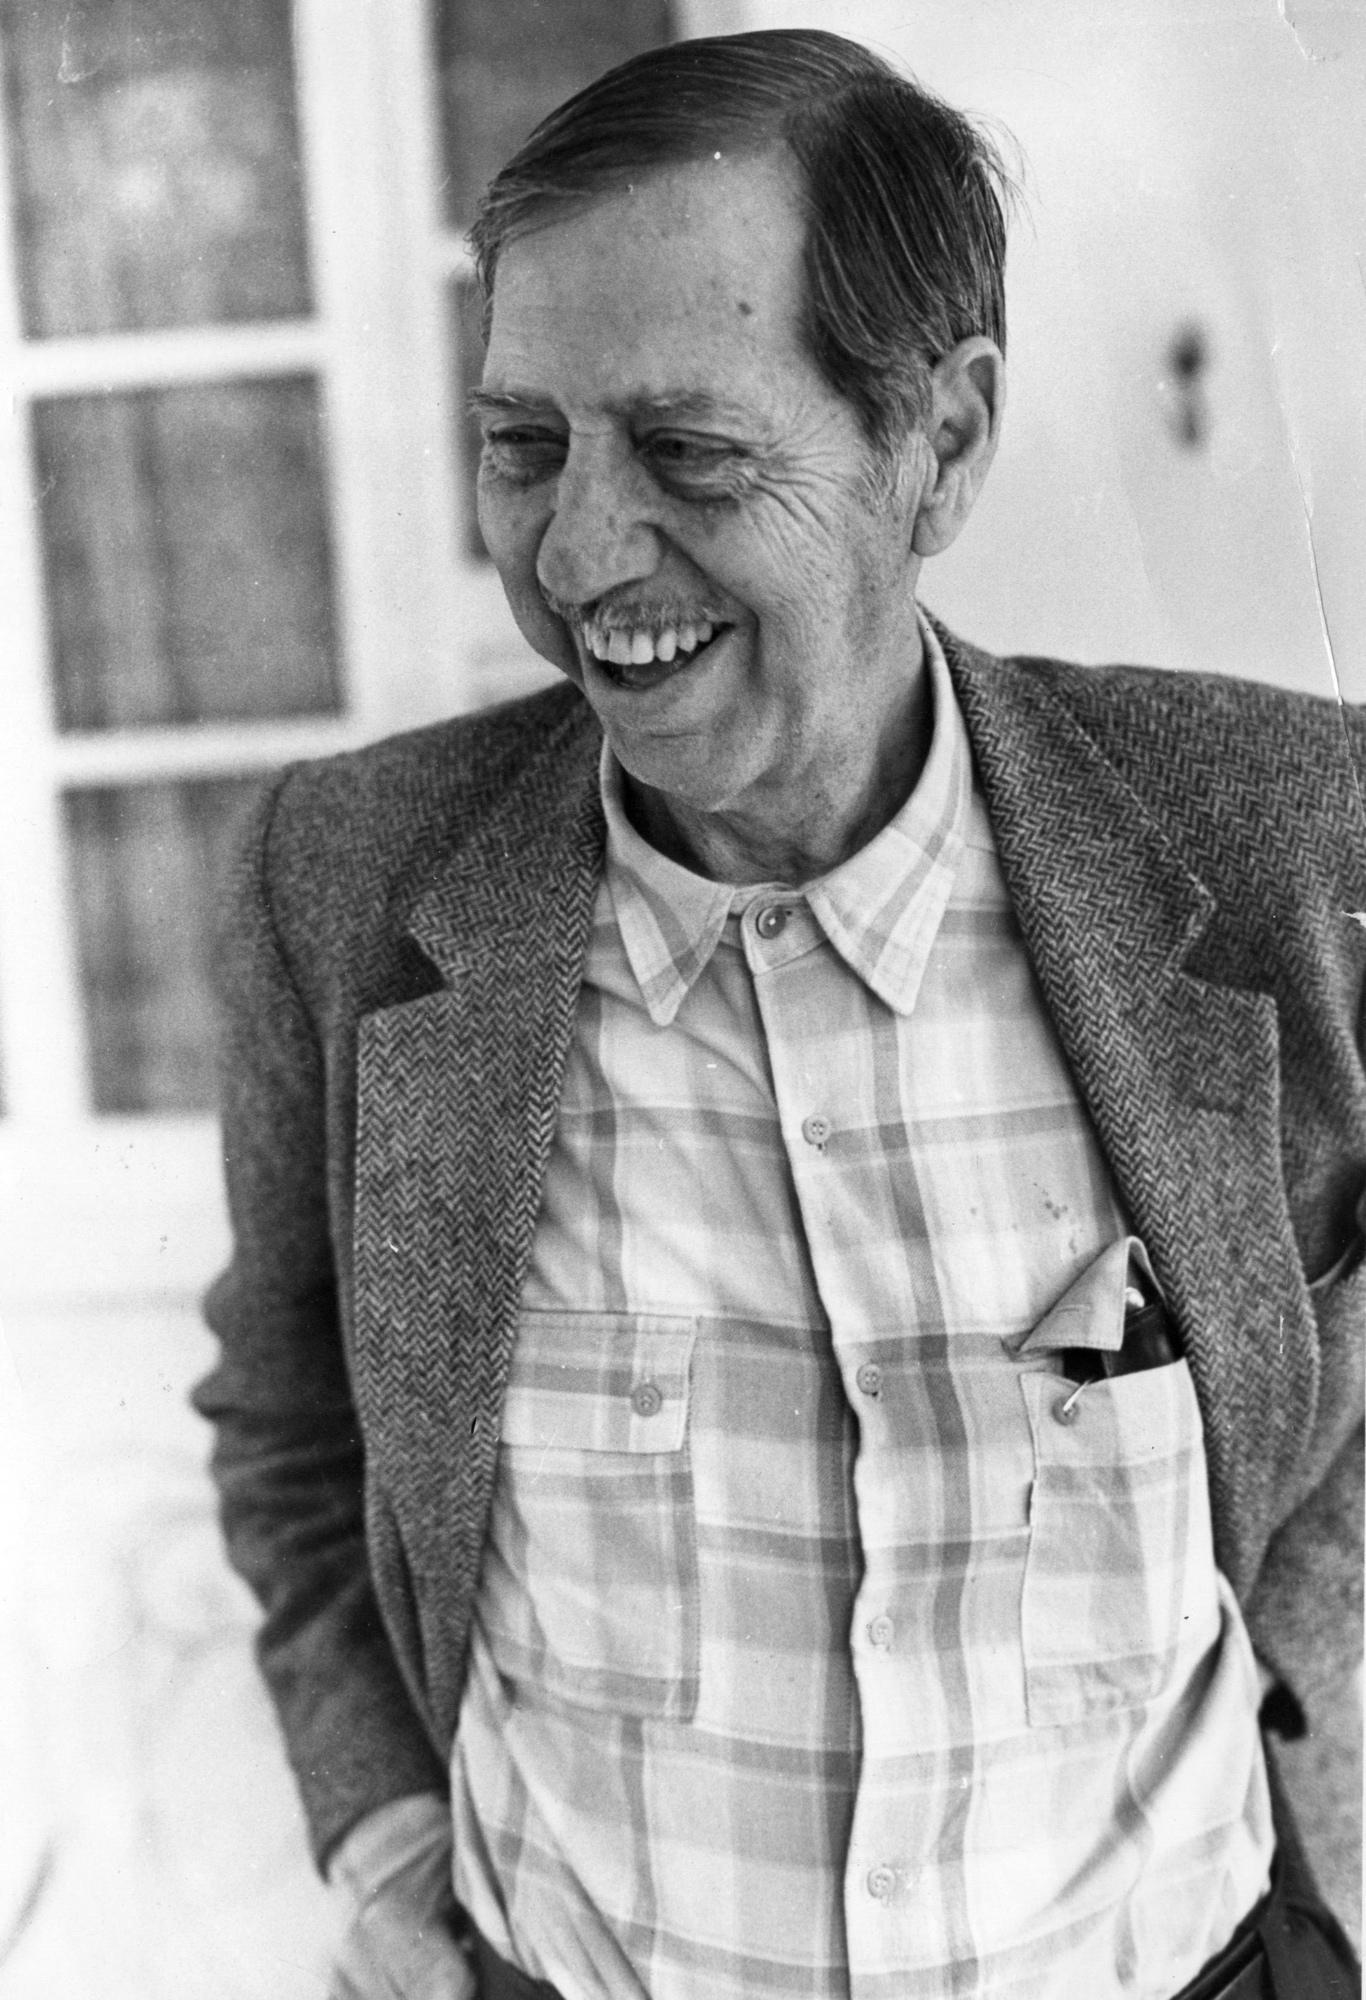 Augusto Ruschi em Teresa, ES em 1986. Crédito: Rogério Carneiro/Folhapress